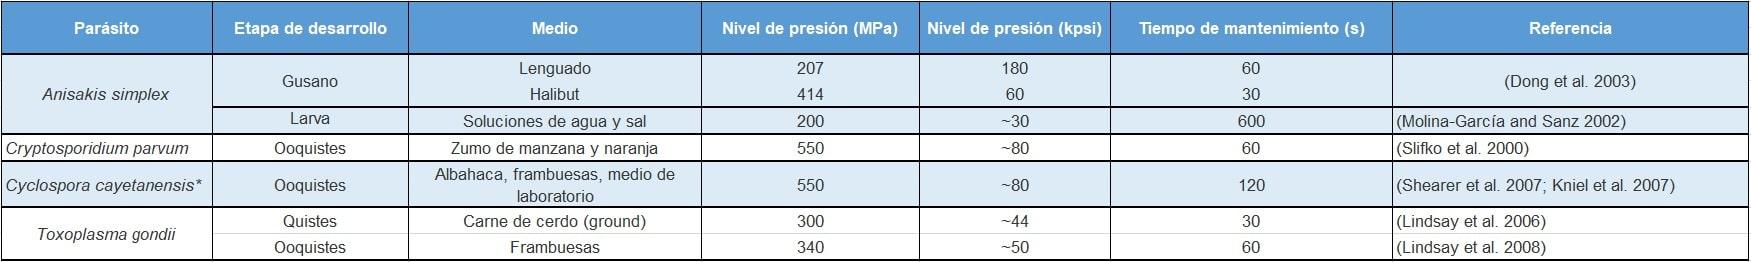 Tabla 2. Condiciones mínimas HPP que consiguen inactivar la capacidad infecciosa del parasito en distintos medios/alimentos